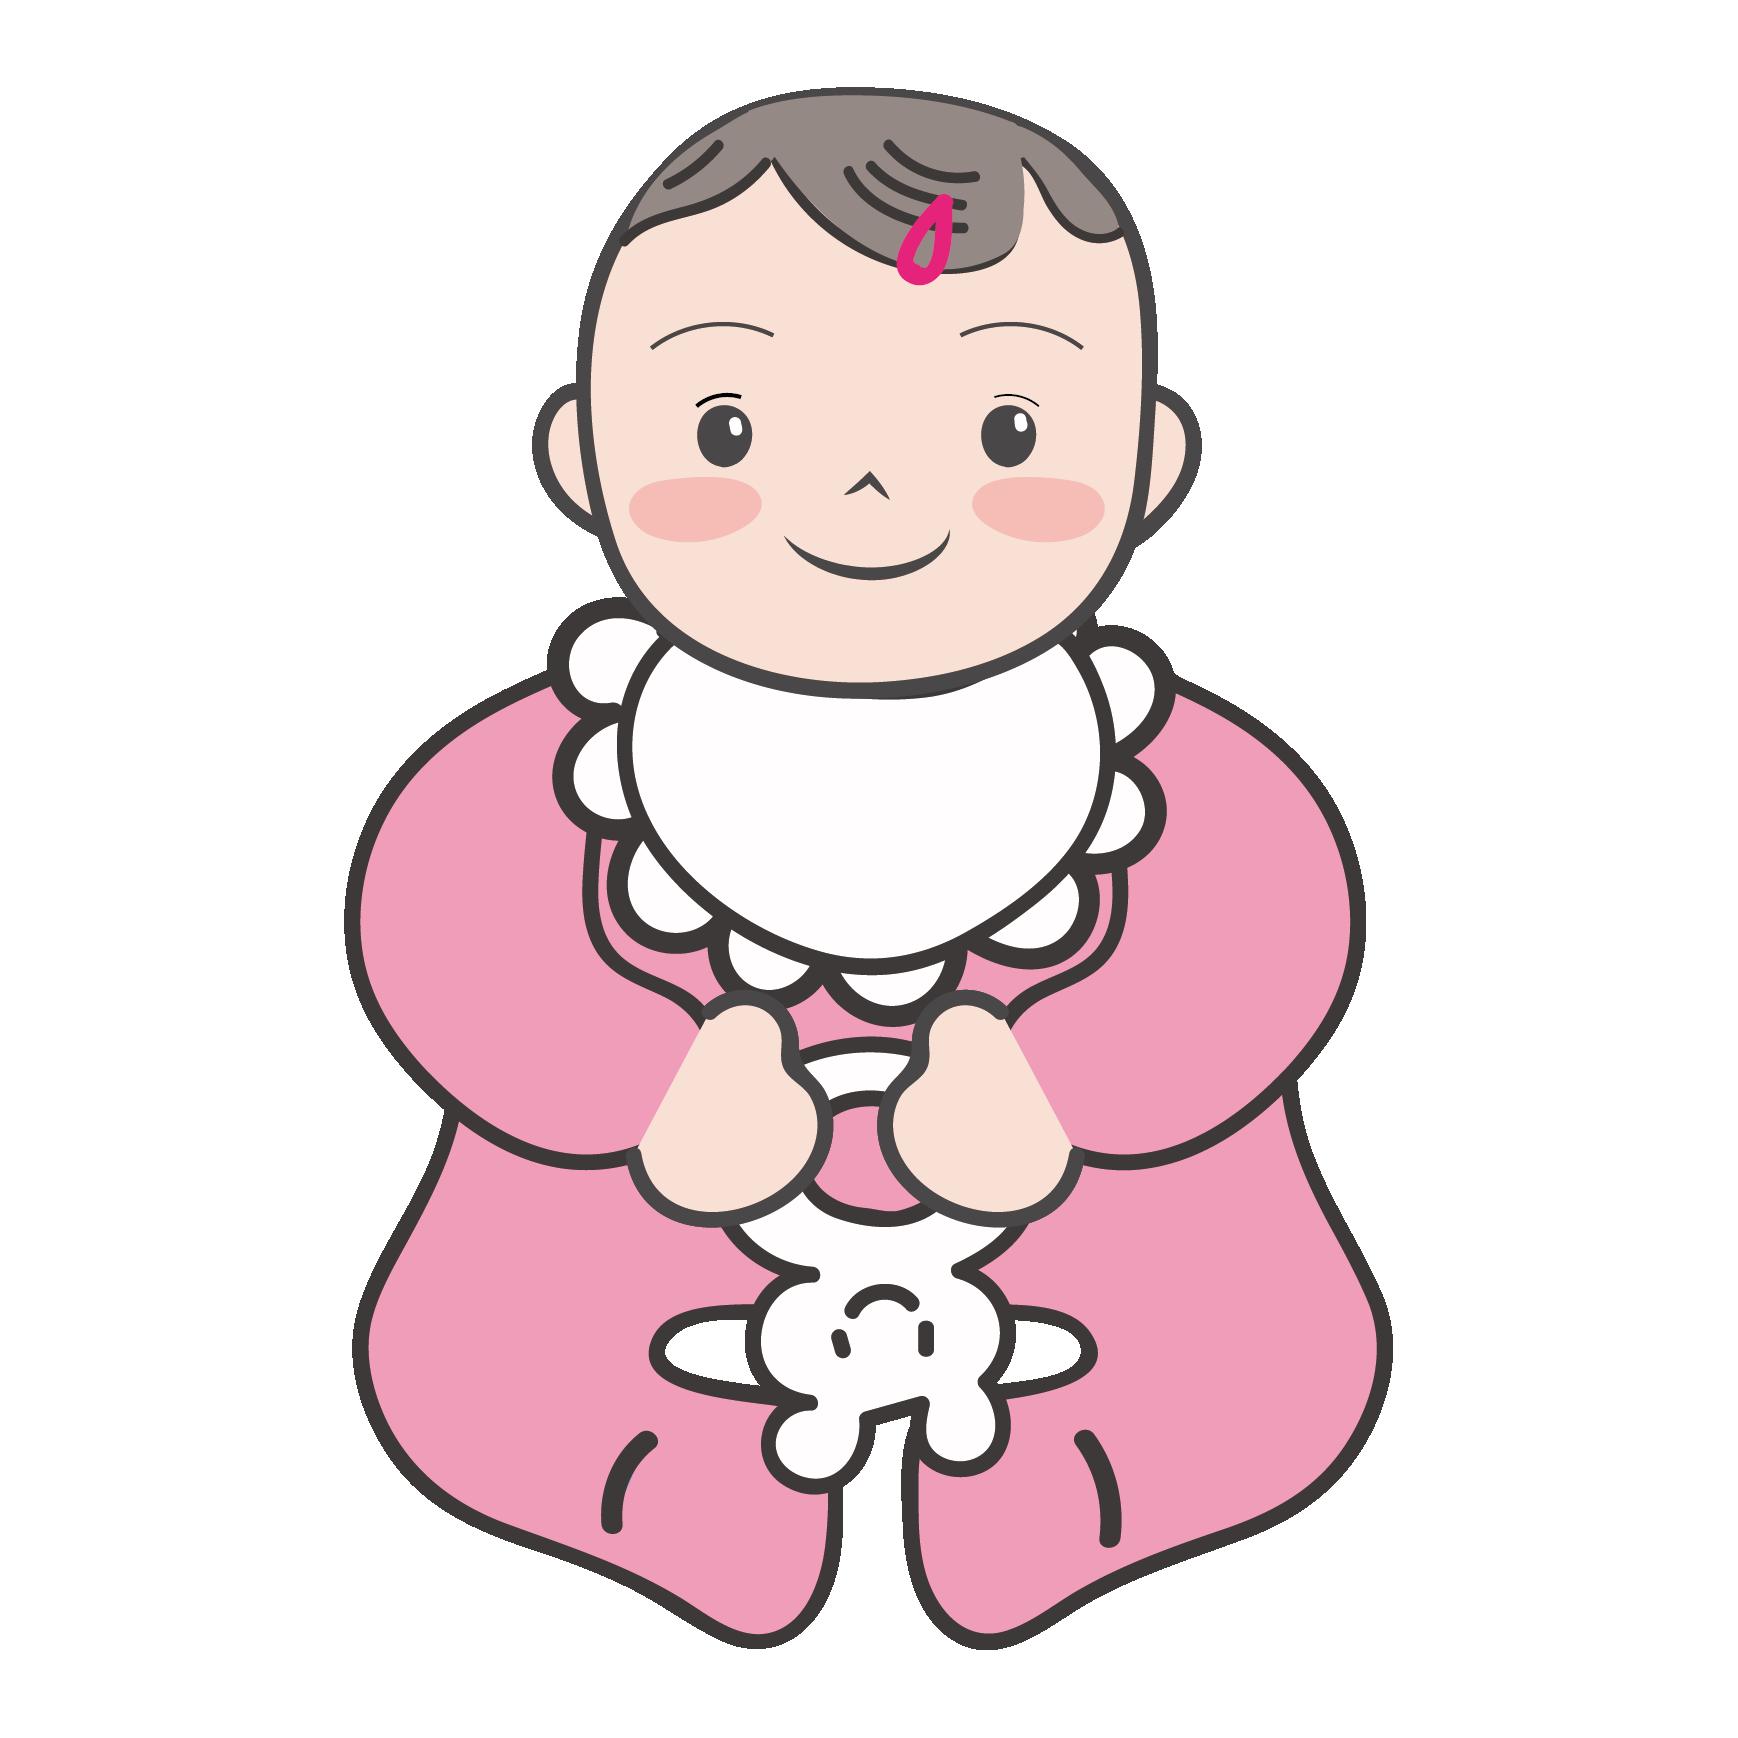 にっこりご機嫌な女の子の赤ちゃんのイラスト | 商用フリー(無料)の